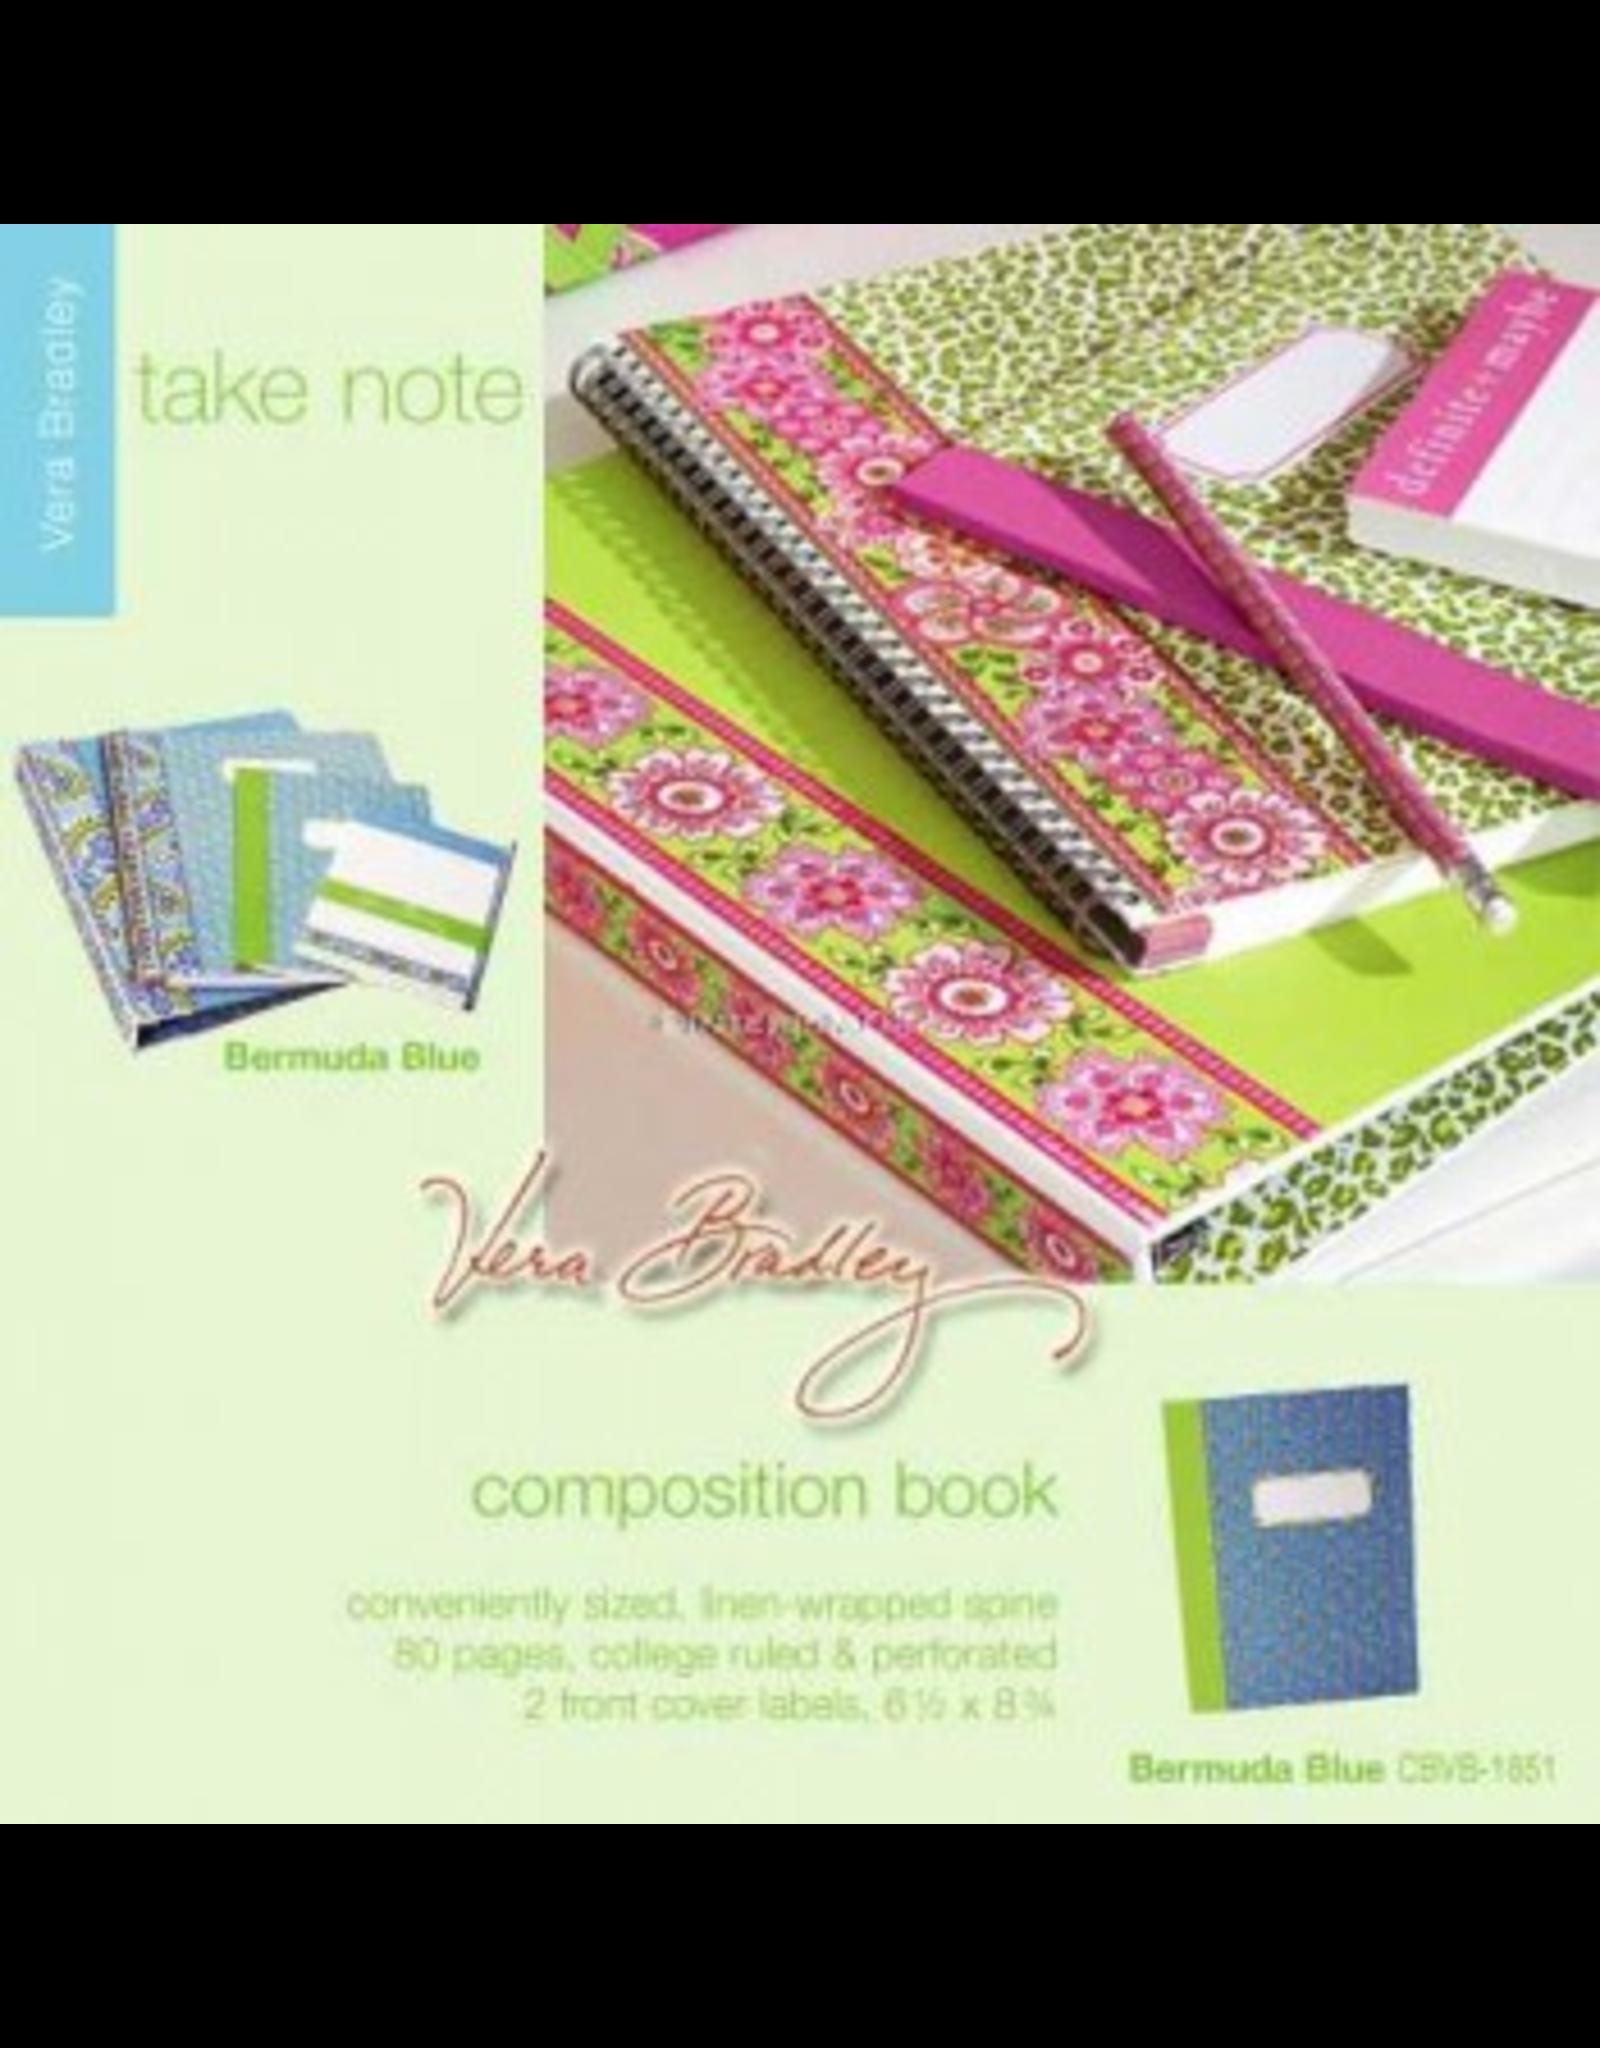 Vera Bradley Bermuda Blue Composition Book